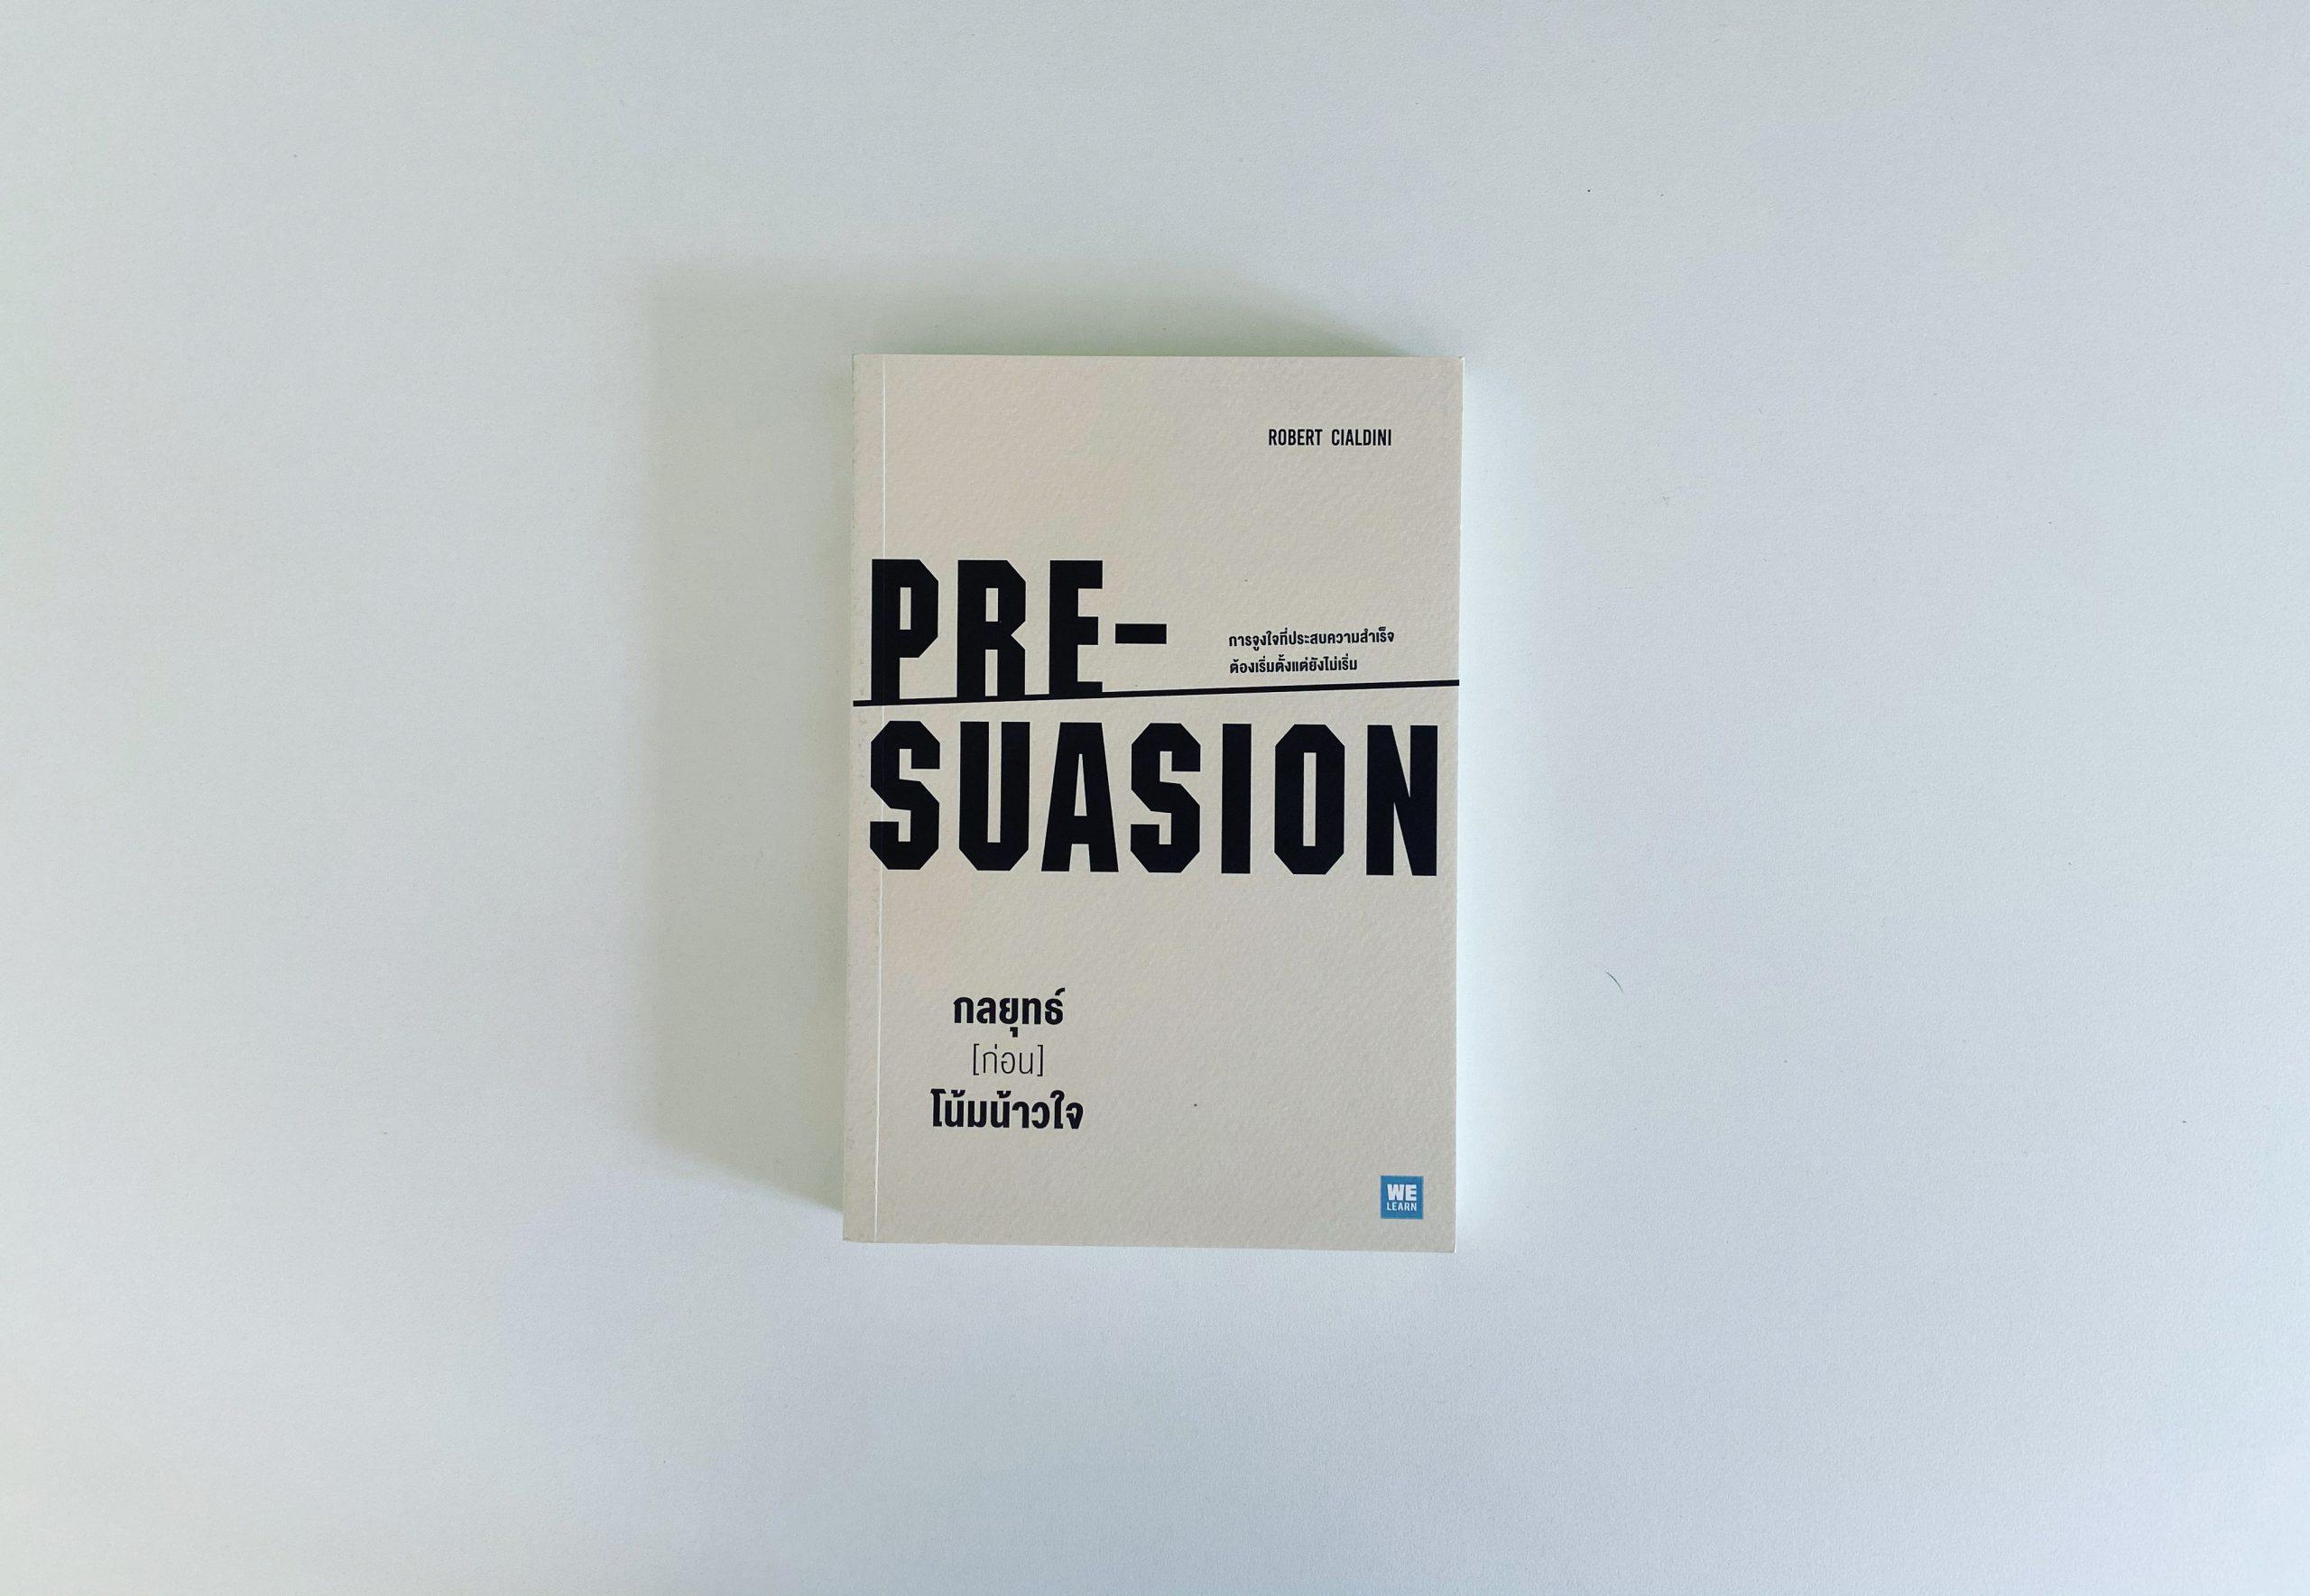 สรุปหนังสือ Presuasion กลยุทธ์ก่อนโน้มน้าวใจ ของ Rebert Caldini ผู้เขียนหลักการ The 6 Principles of Persuasion และ Influence Strategy